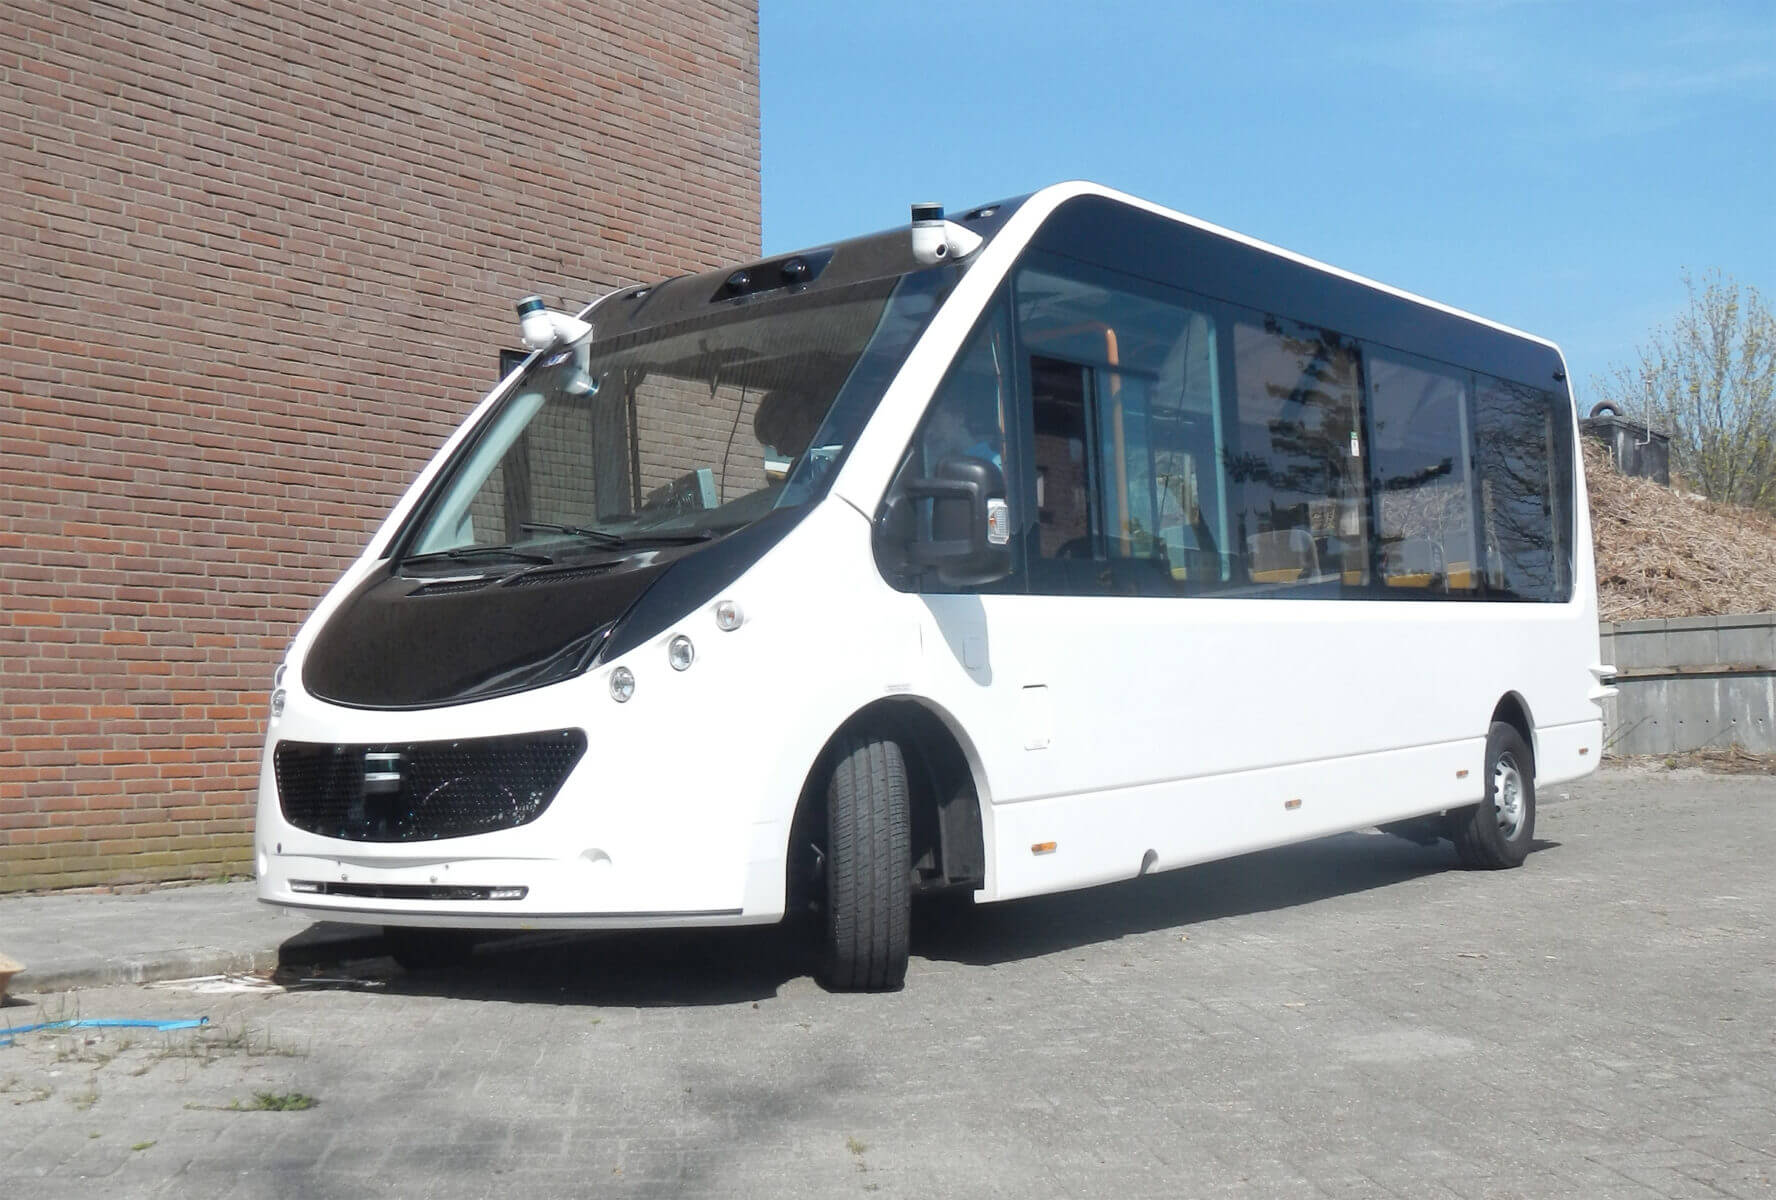 Autonomous Mission passenger bus with velodyne sensors